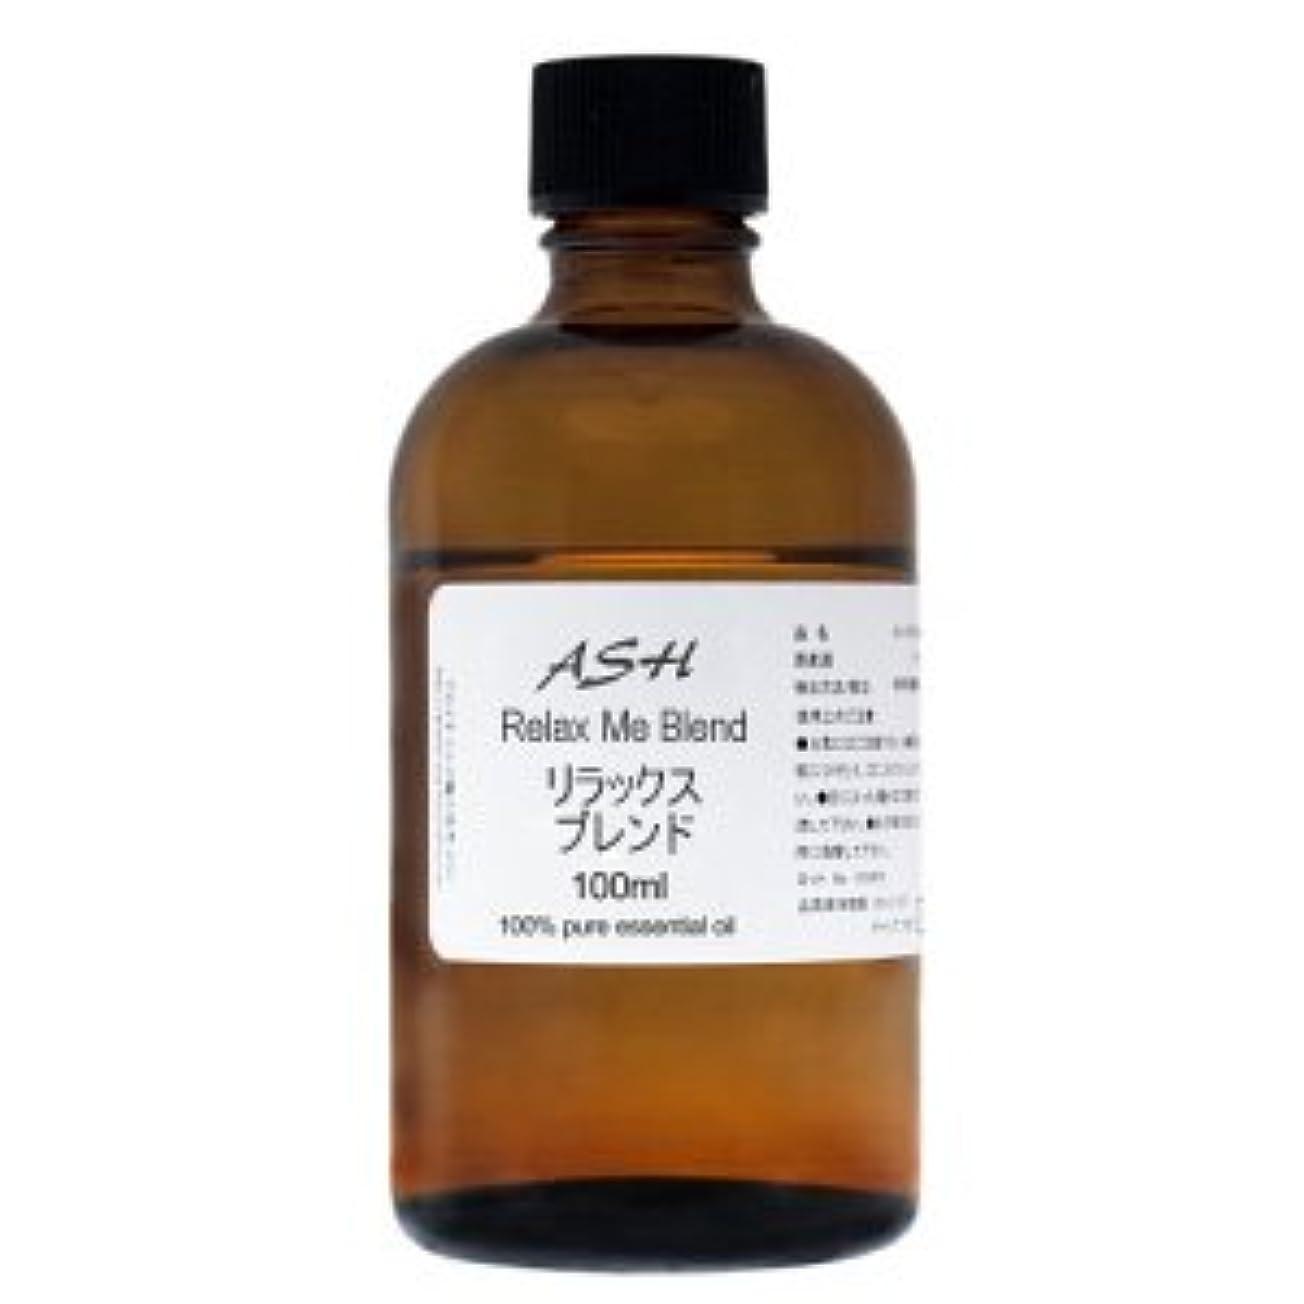 委託製品顔料ASH リラックスエッセンシャルオイルブレンド100ml